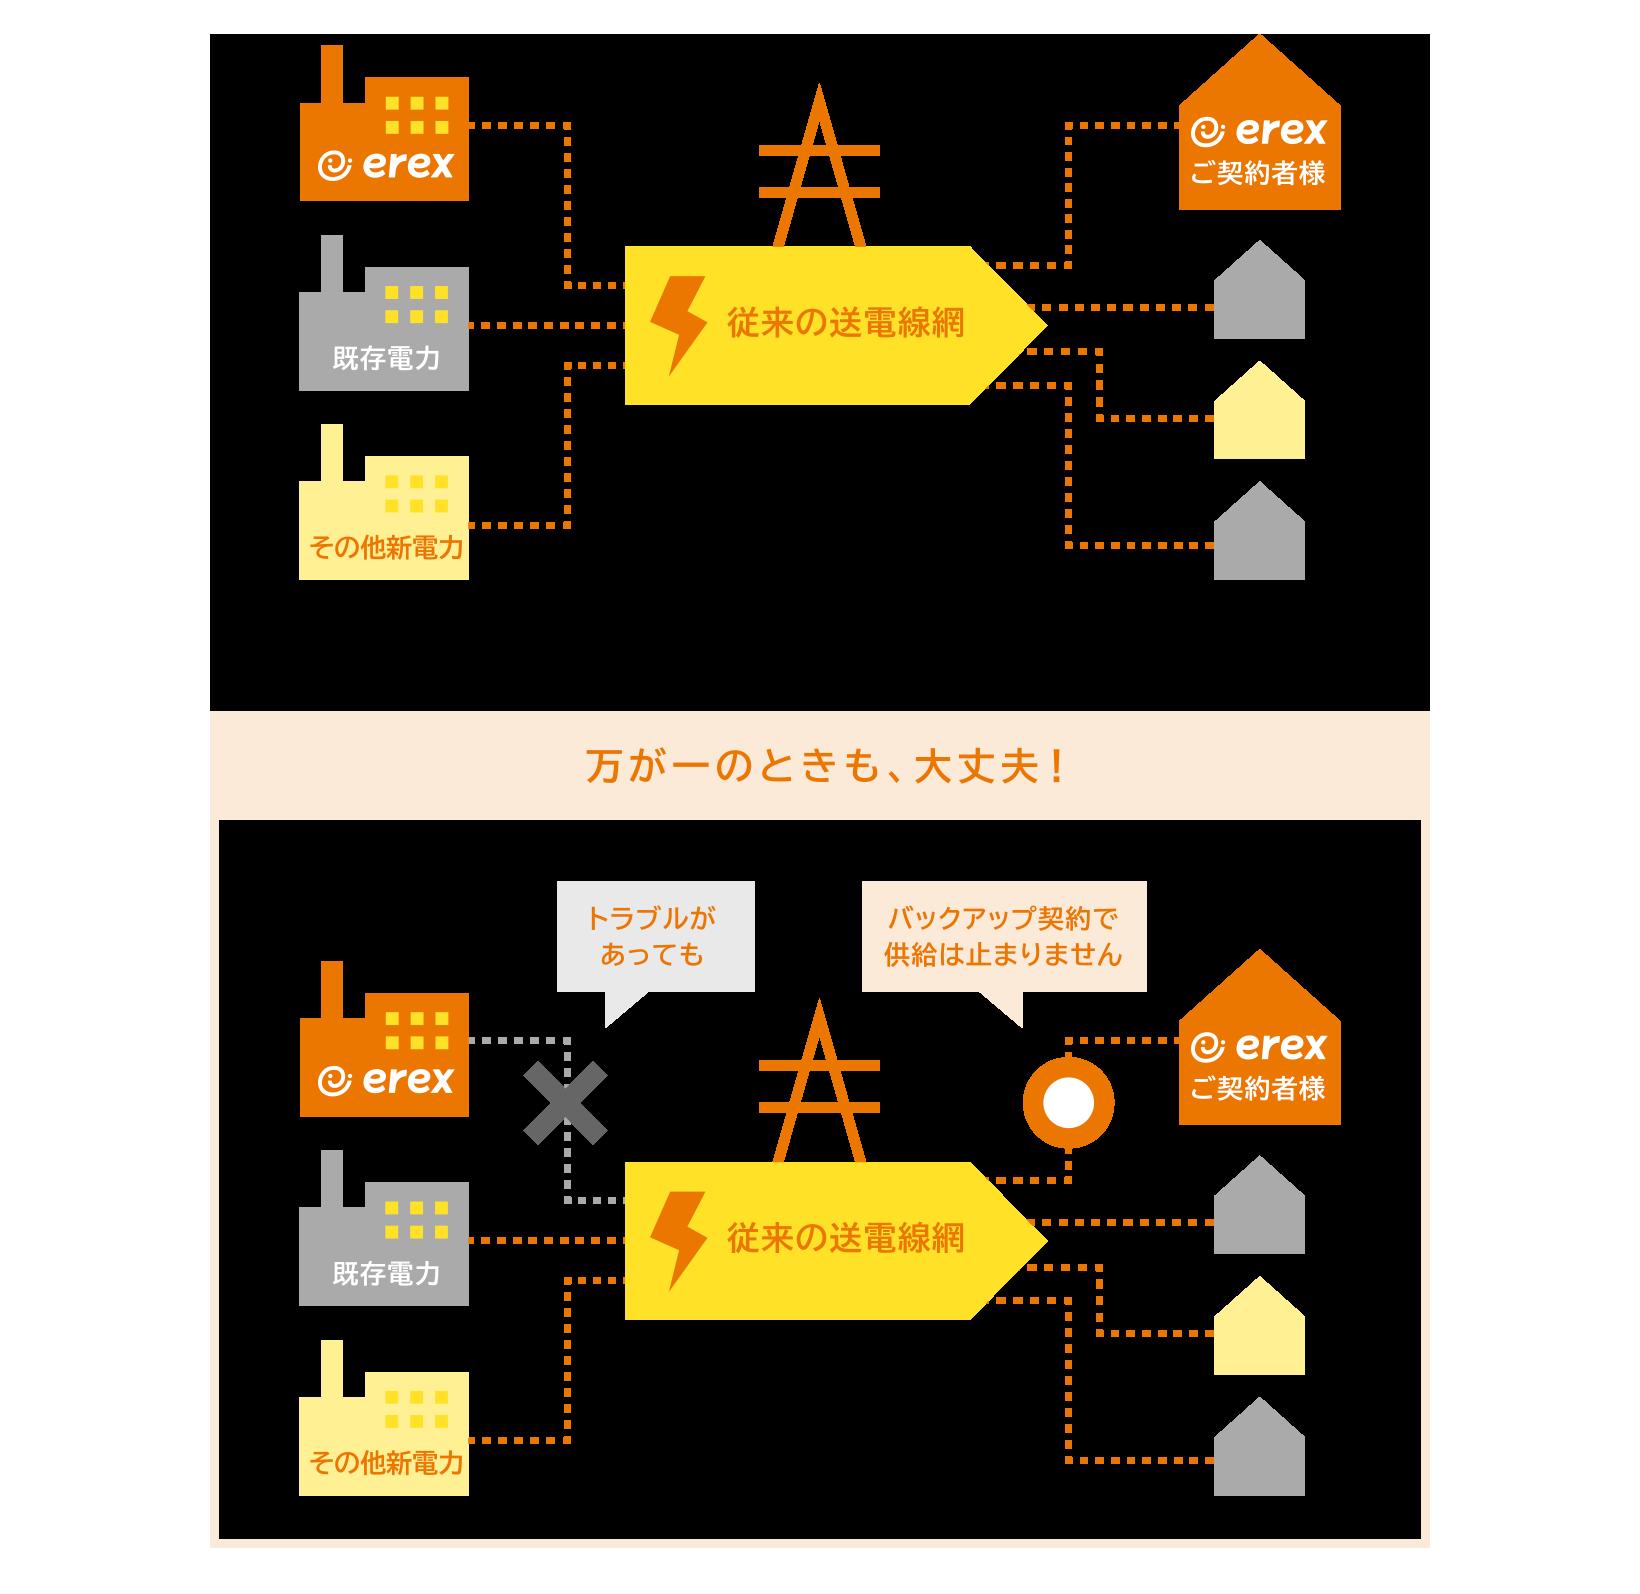 「送電線網」の画像